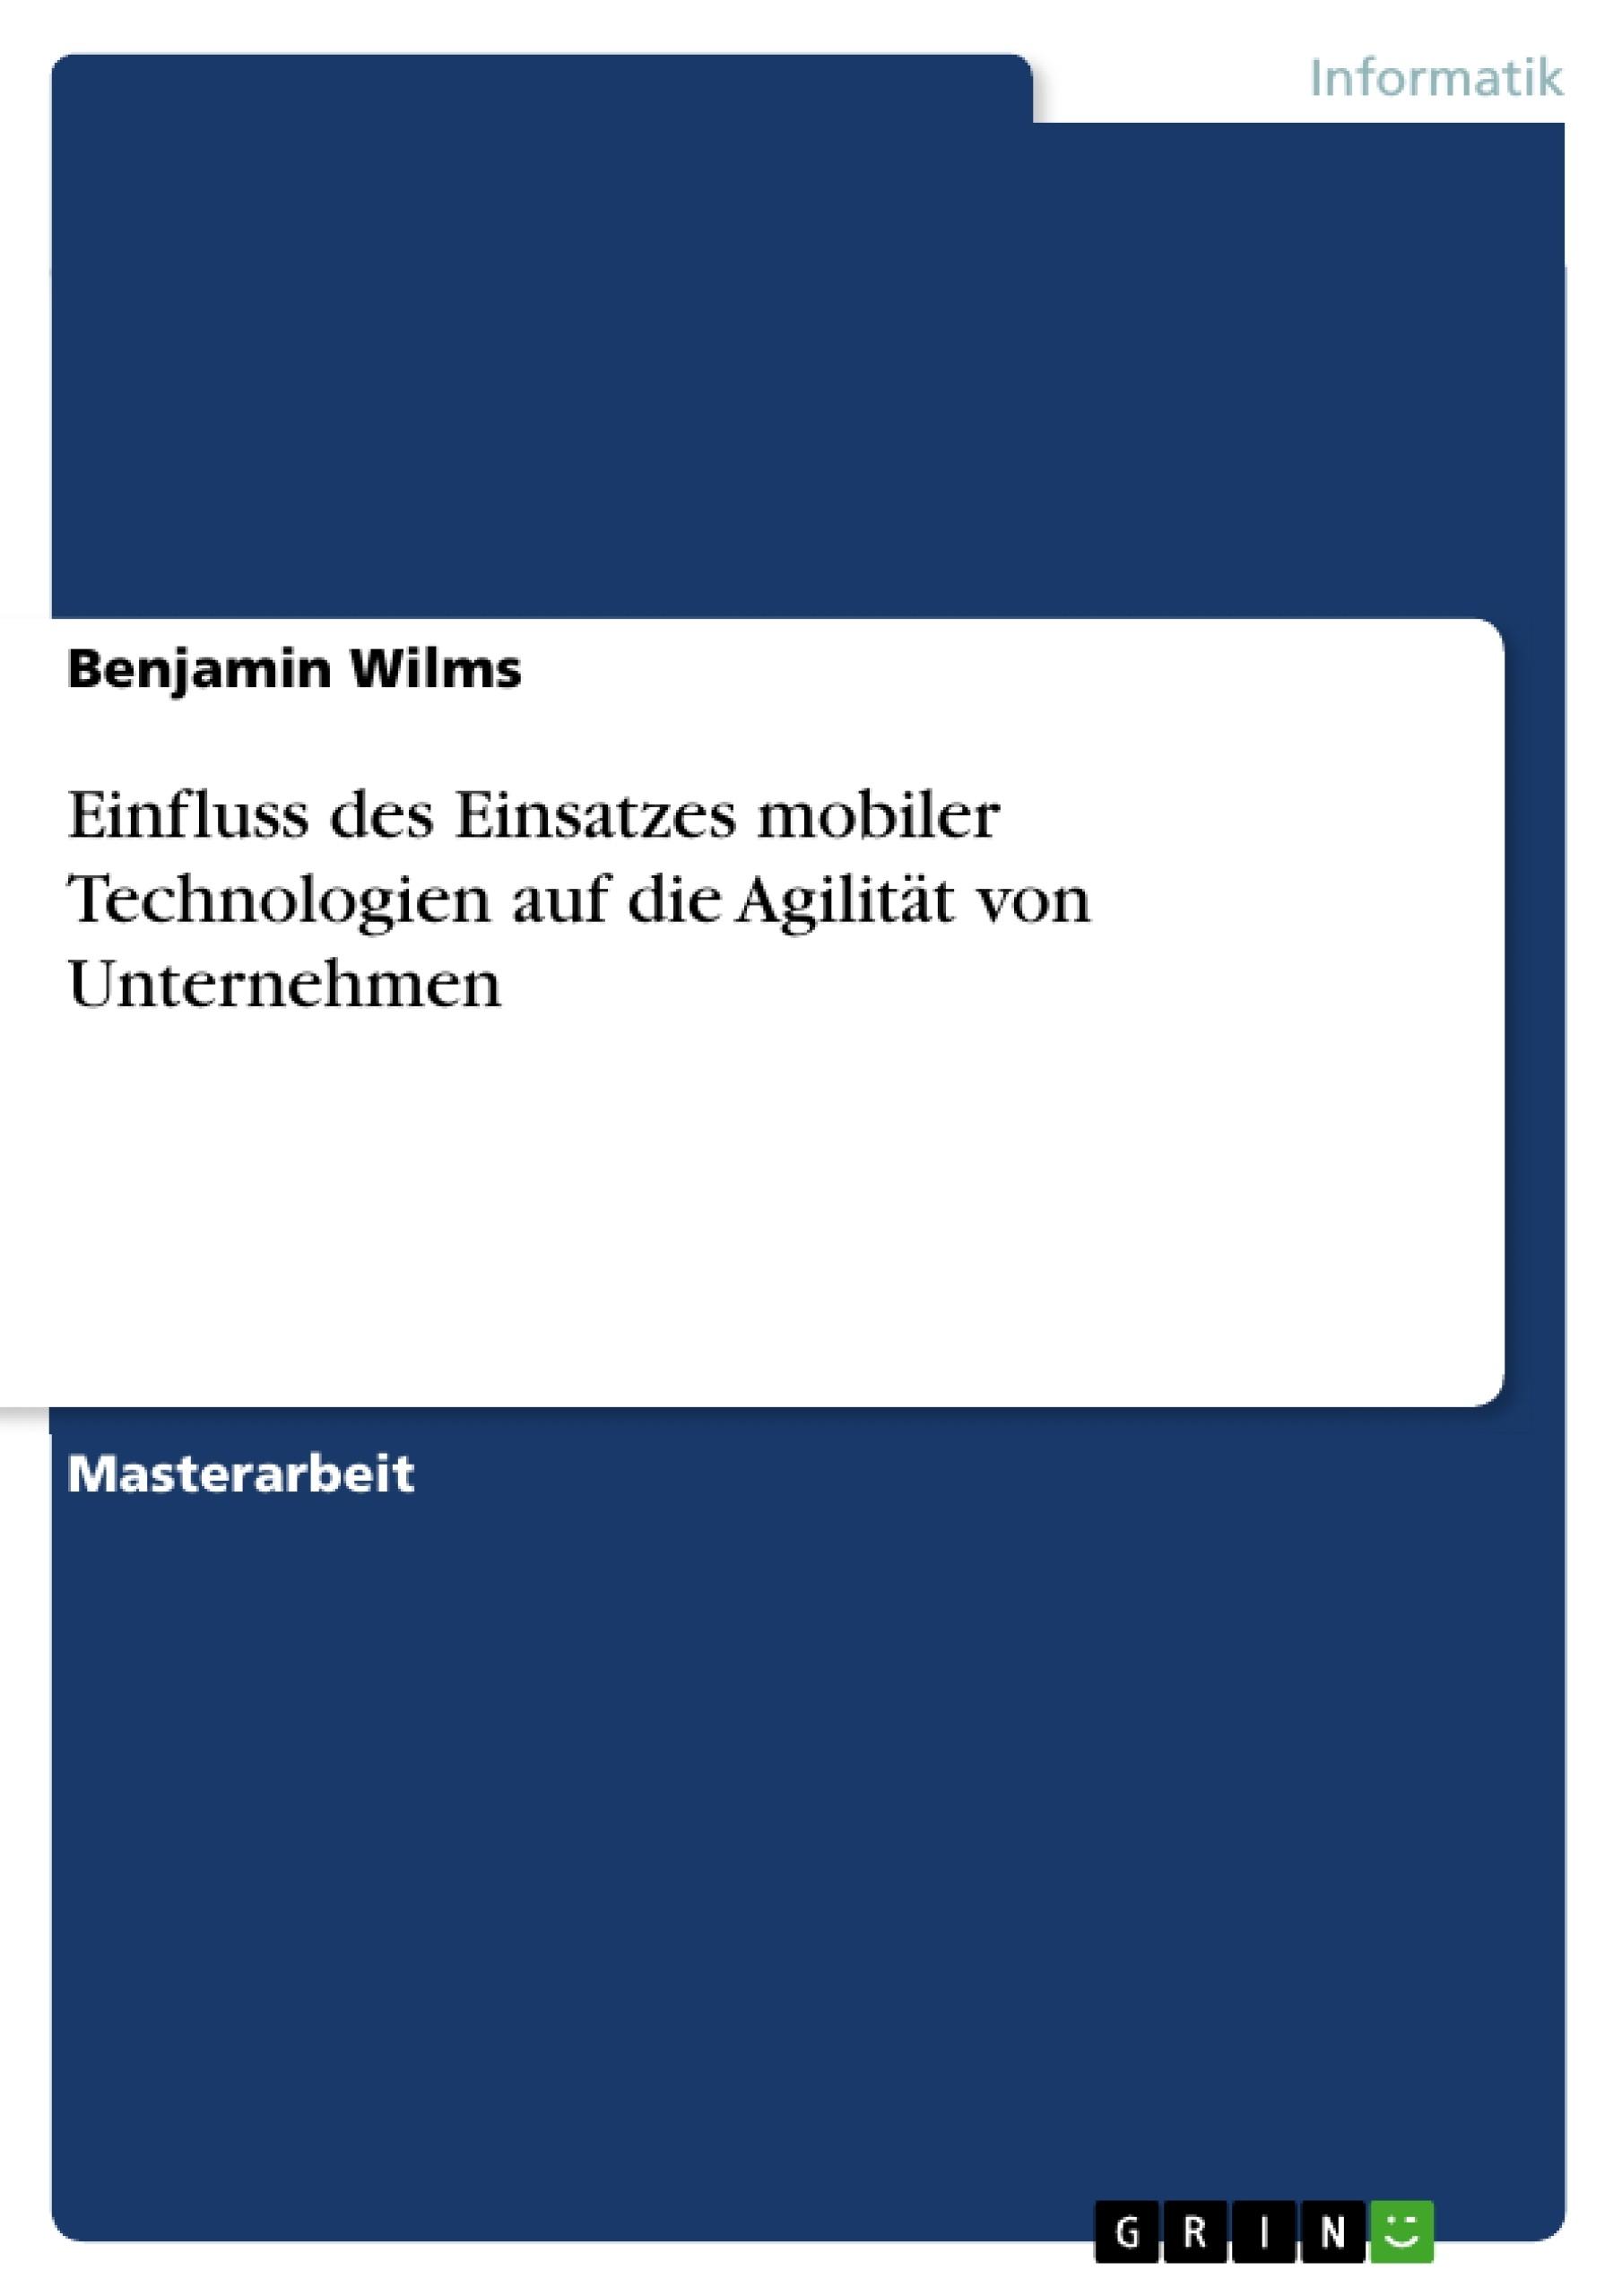 Titel: Einfluss des Einsatzes mobiler Technologien auf die Agilität von Unternehmen